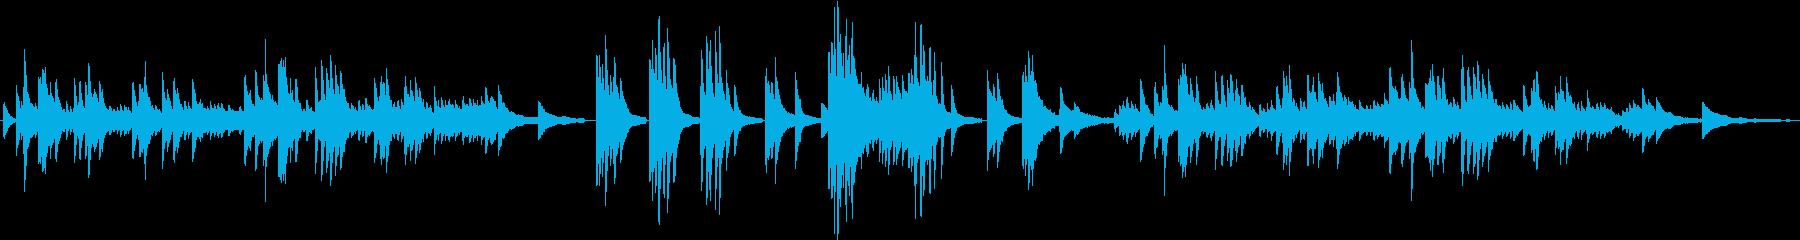 切ない雰囲気の静かなピアノソロの再生済みの波形